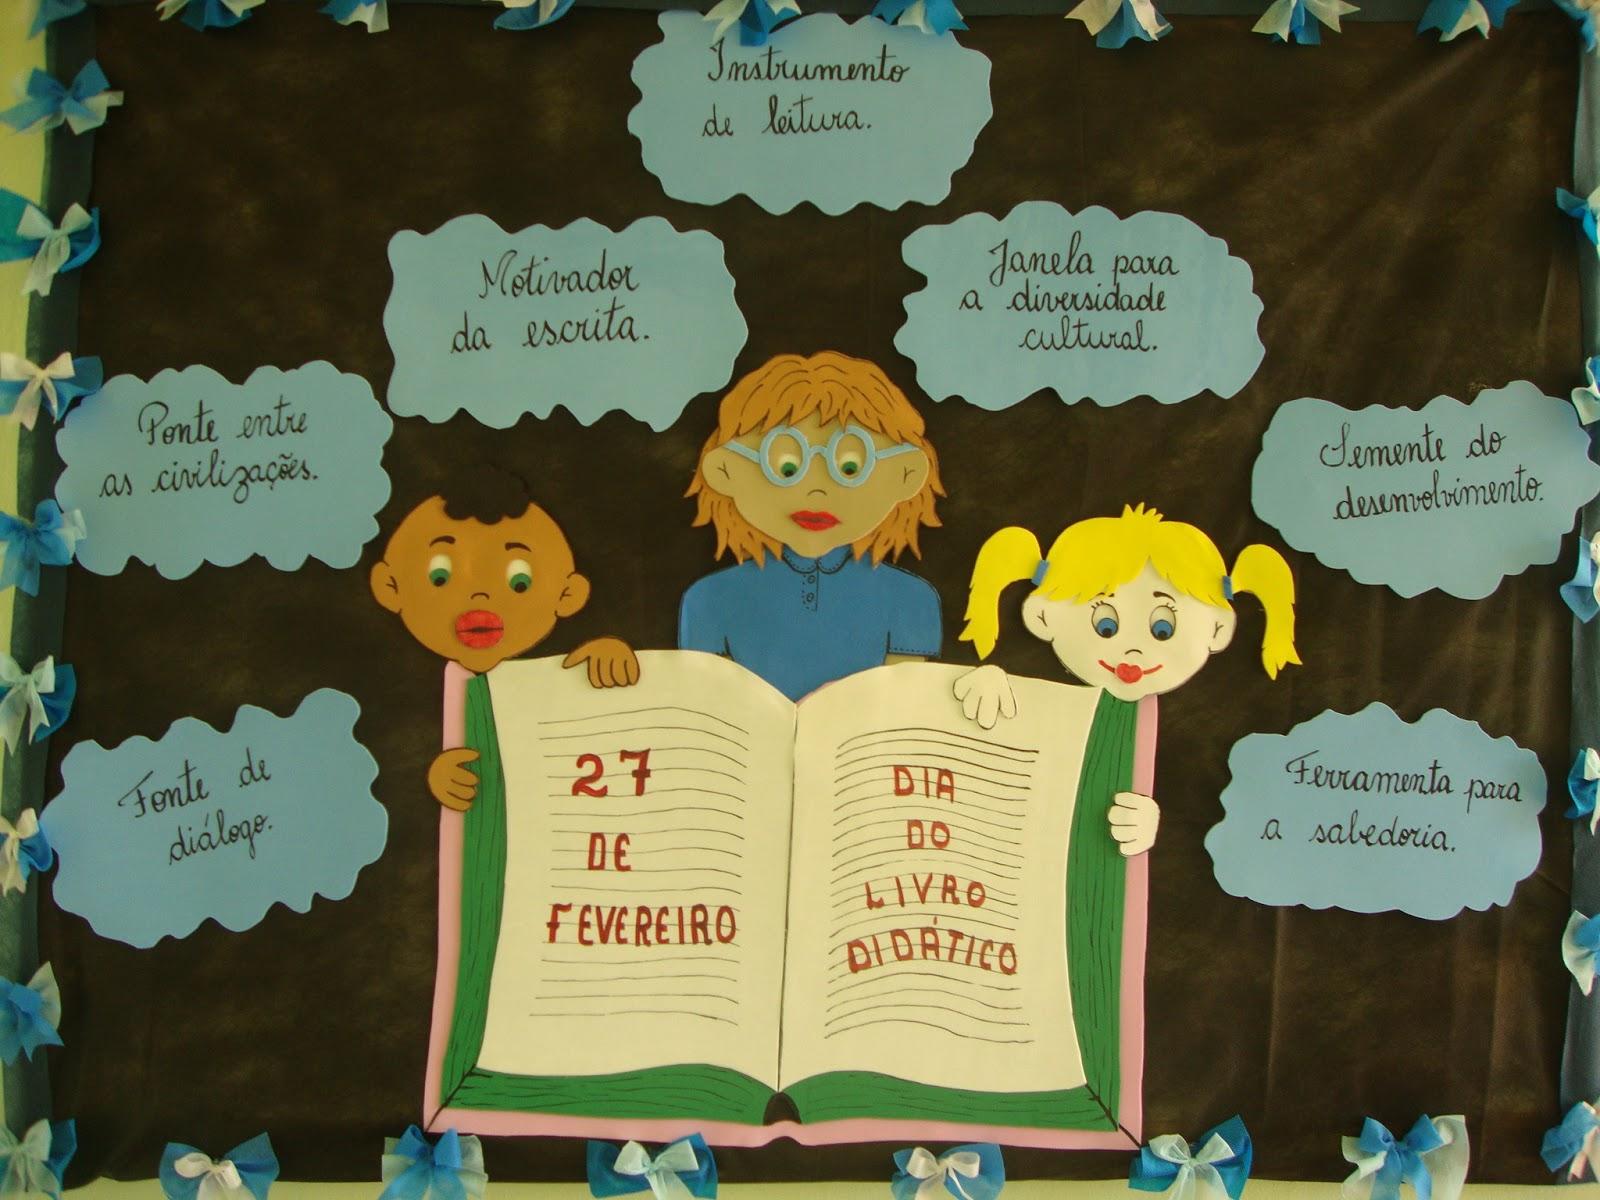 Escola municipal de ensino fundamental lio salles mar o 2013 for Mural dos sonhos o segredo